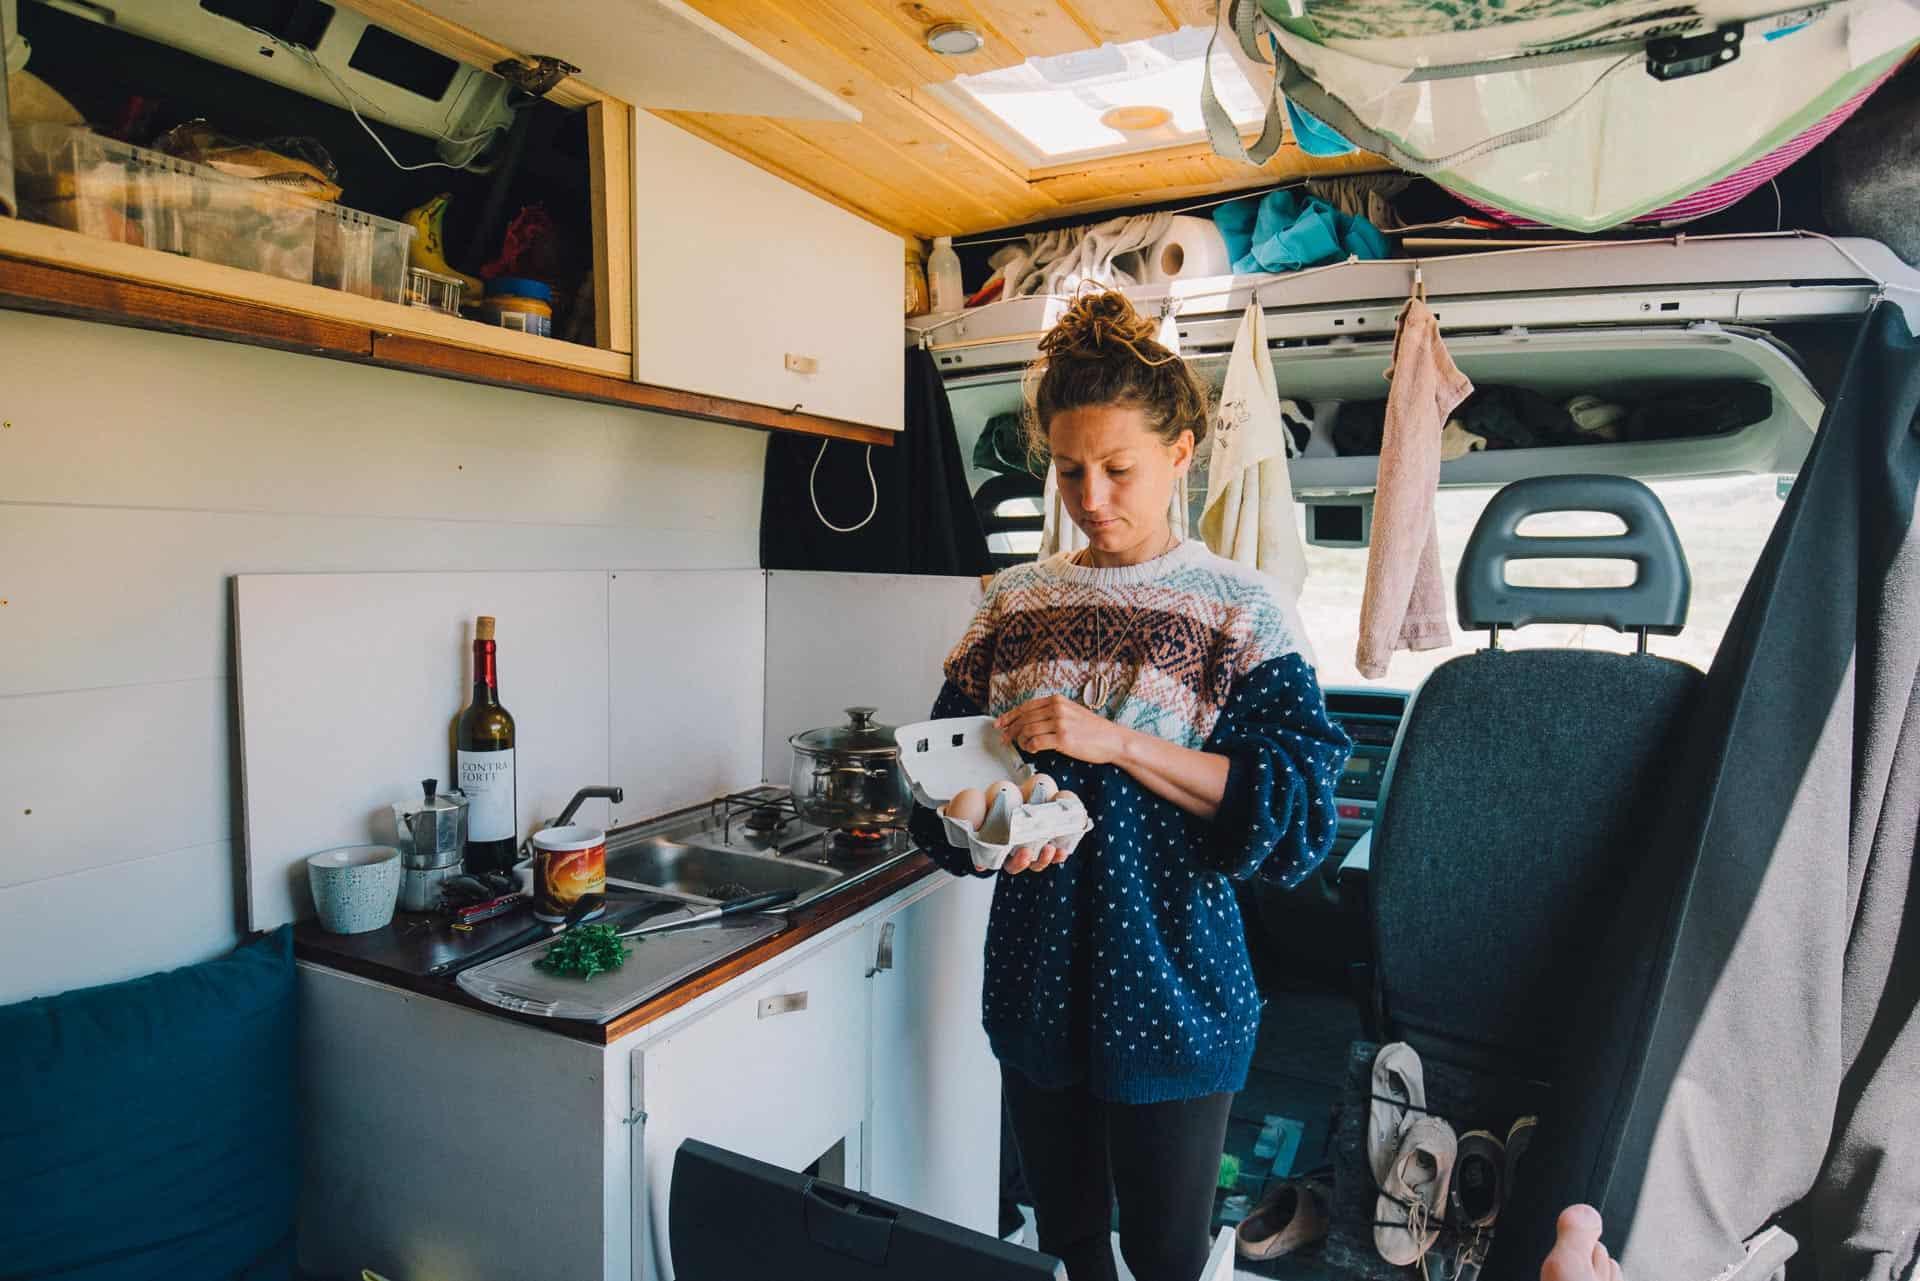 Diy Bauanleitung Indoor Camper Kuche Mein Camperausbau